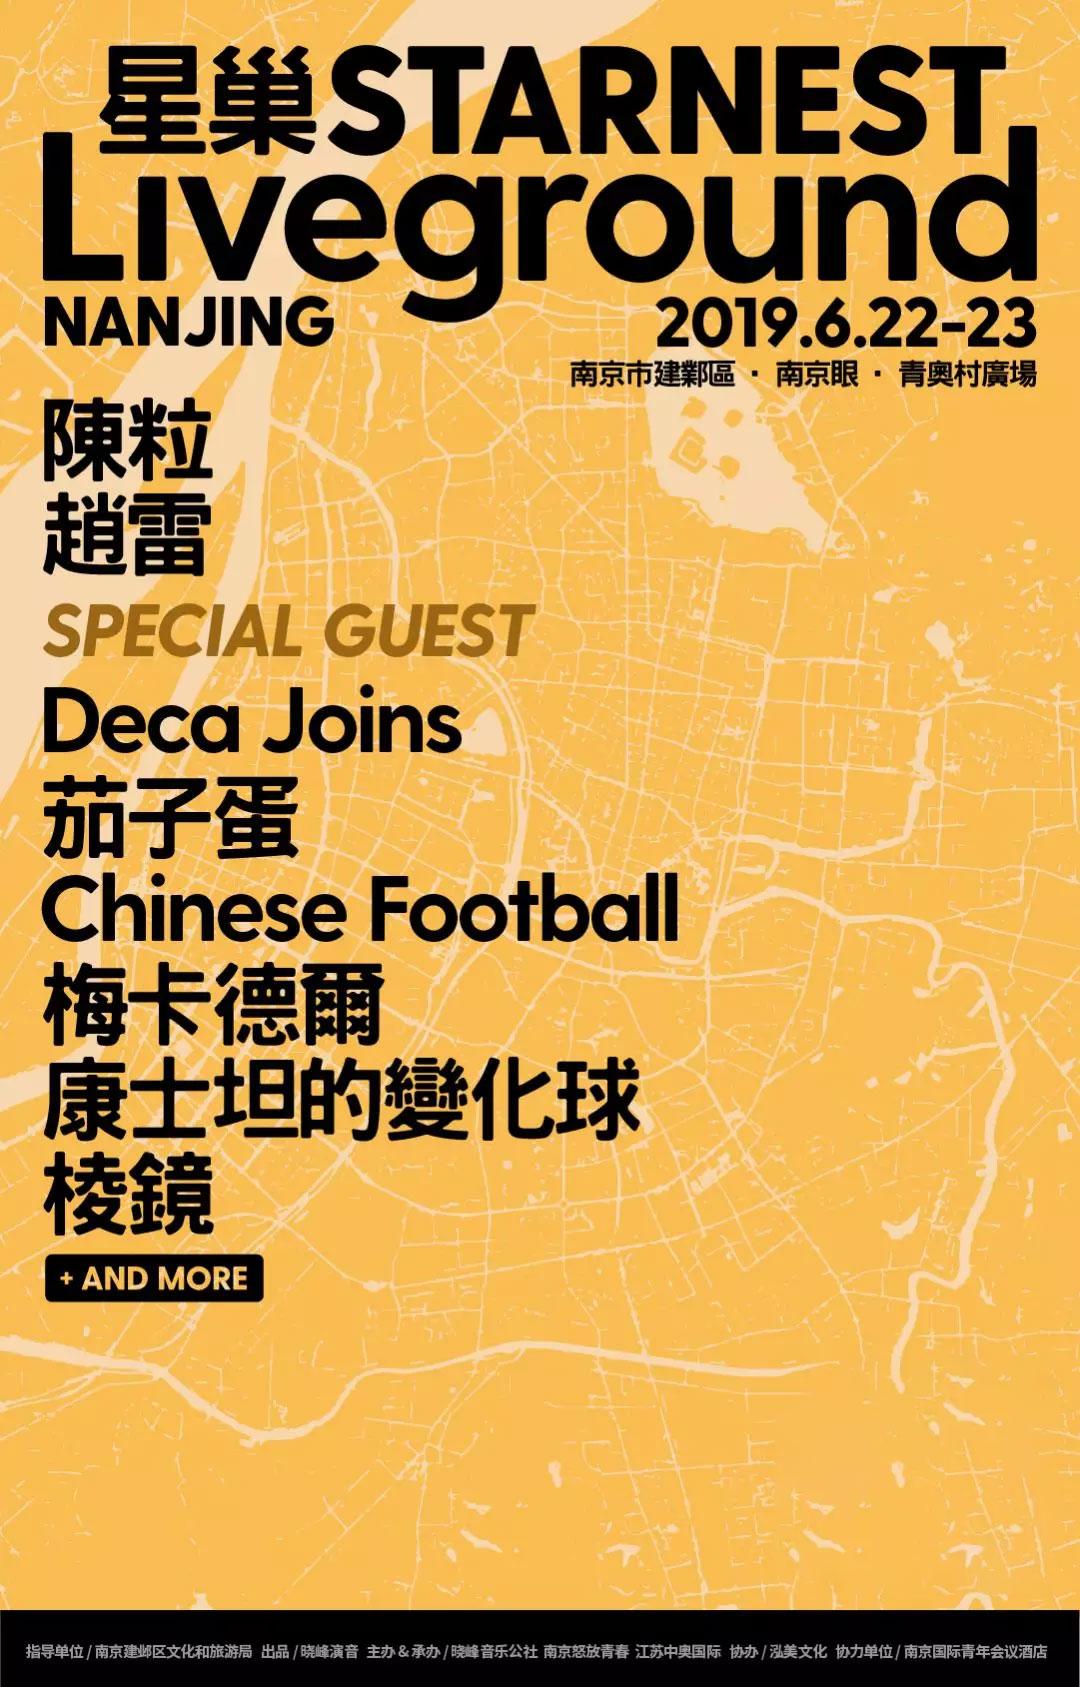 2019南京星巢音乐节时间、地点、票价、购票地址